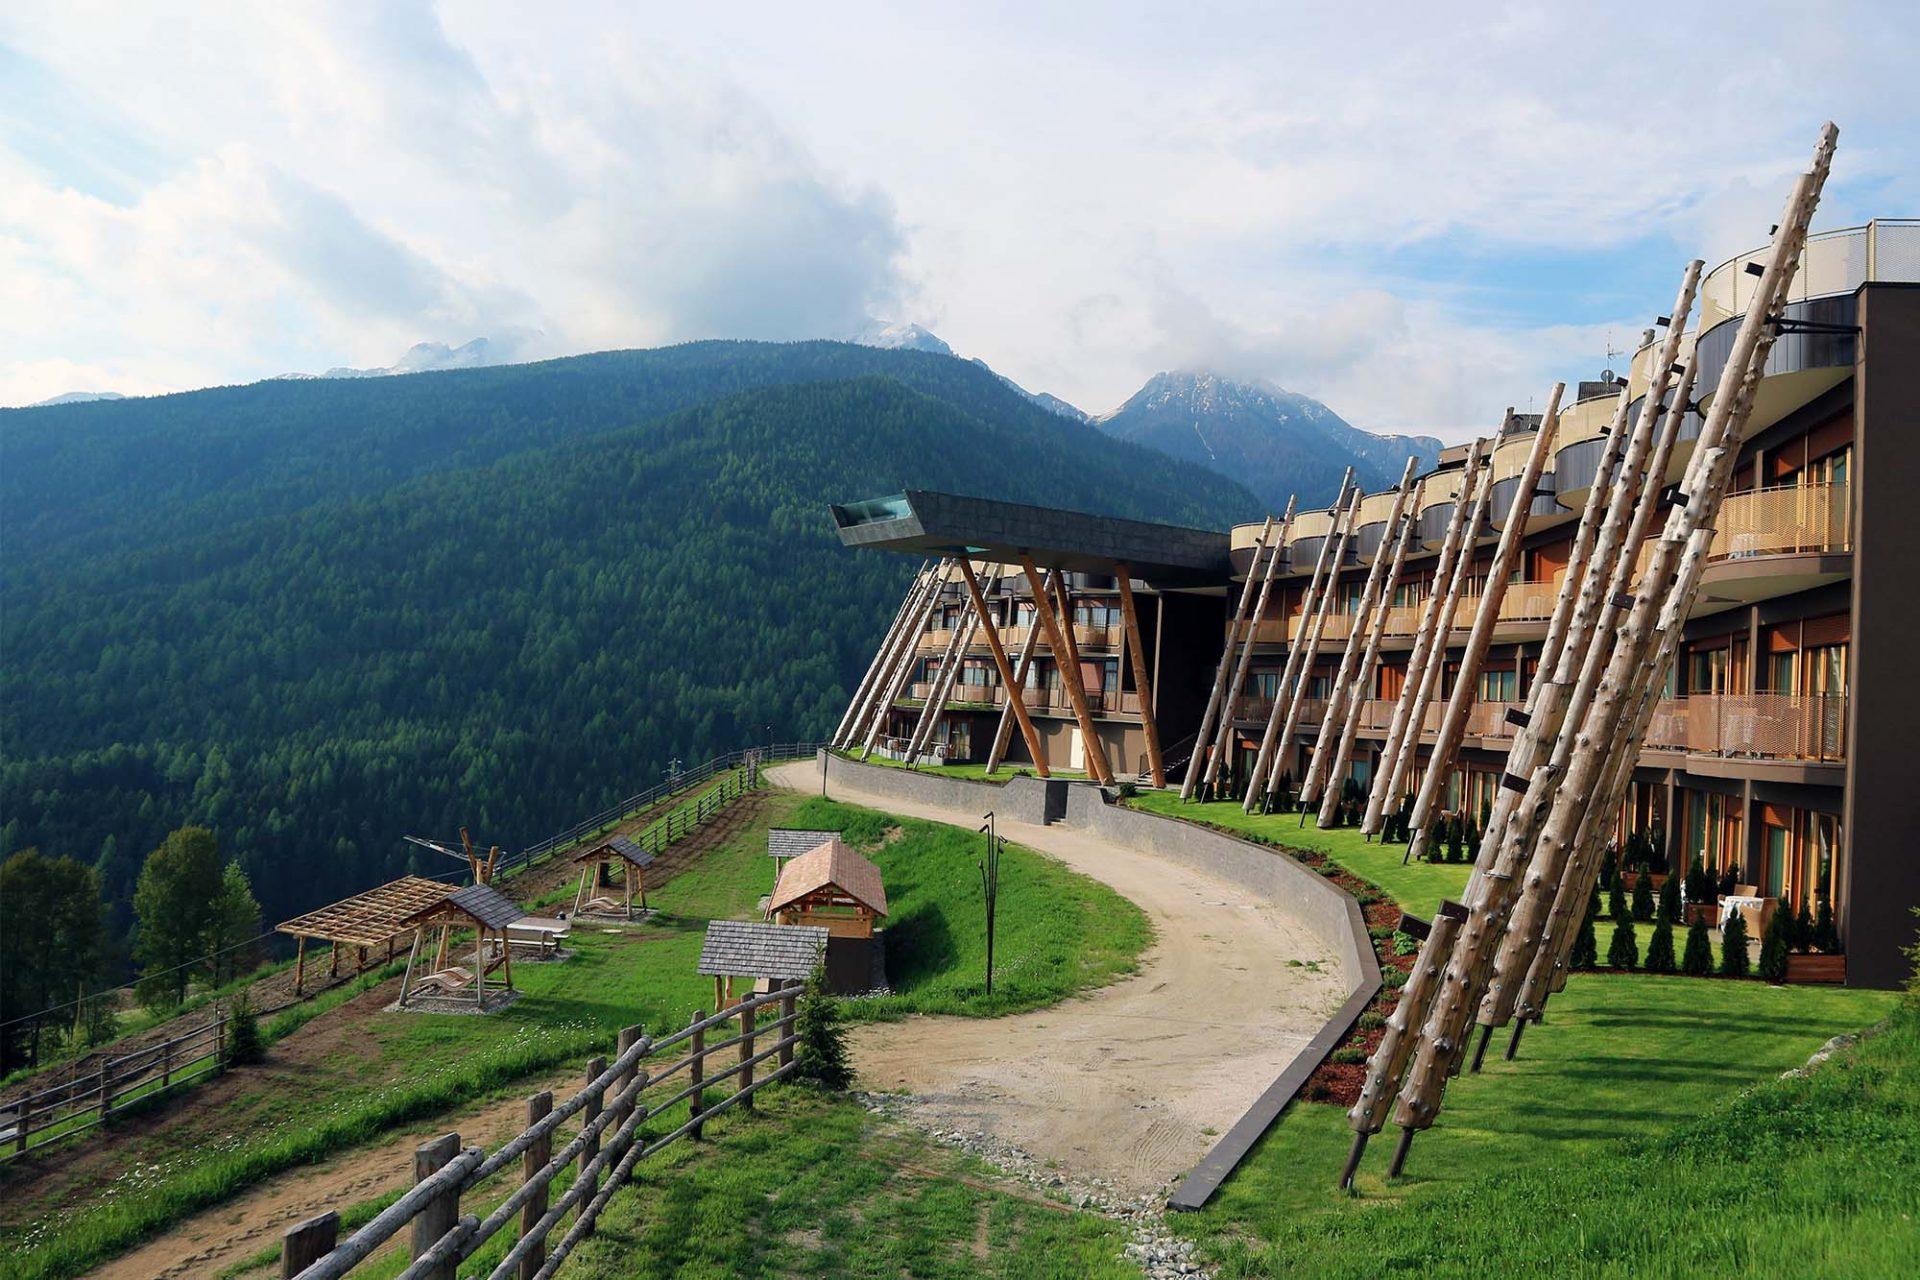 """Eins werden mit der Landschaft"""" - Bozen, Italien - THE LINK – Stadt ..."""